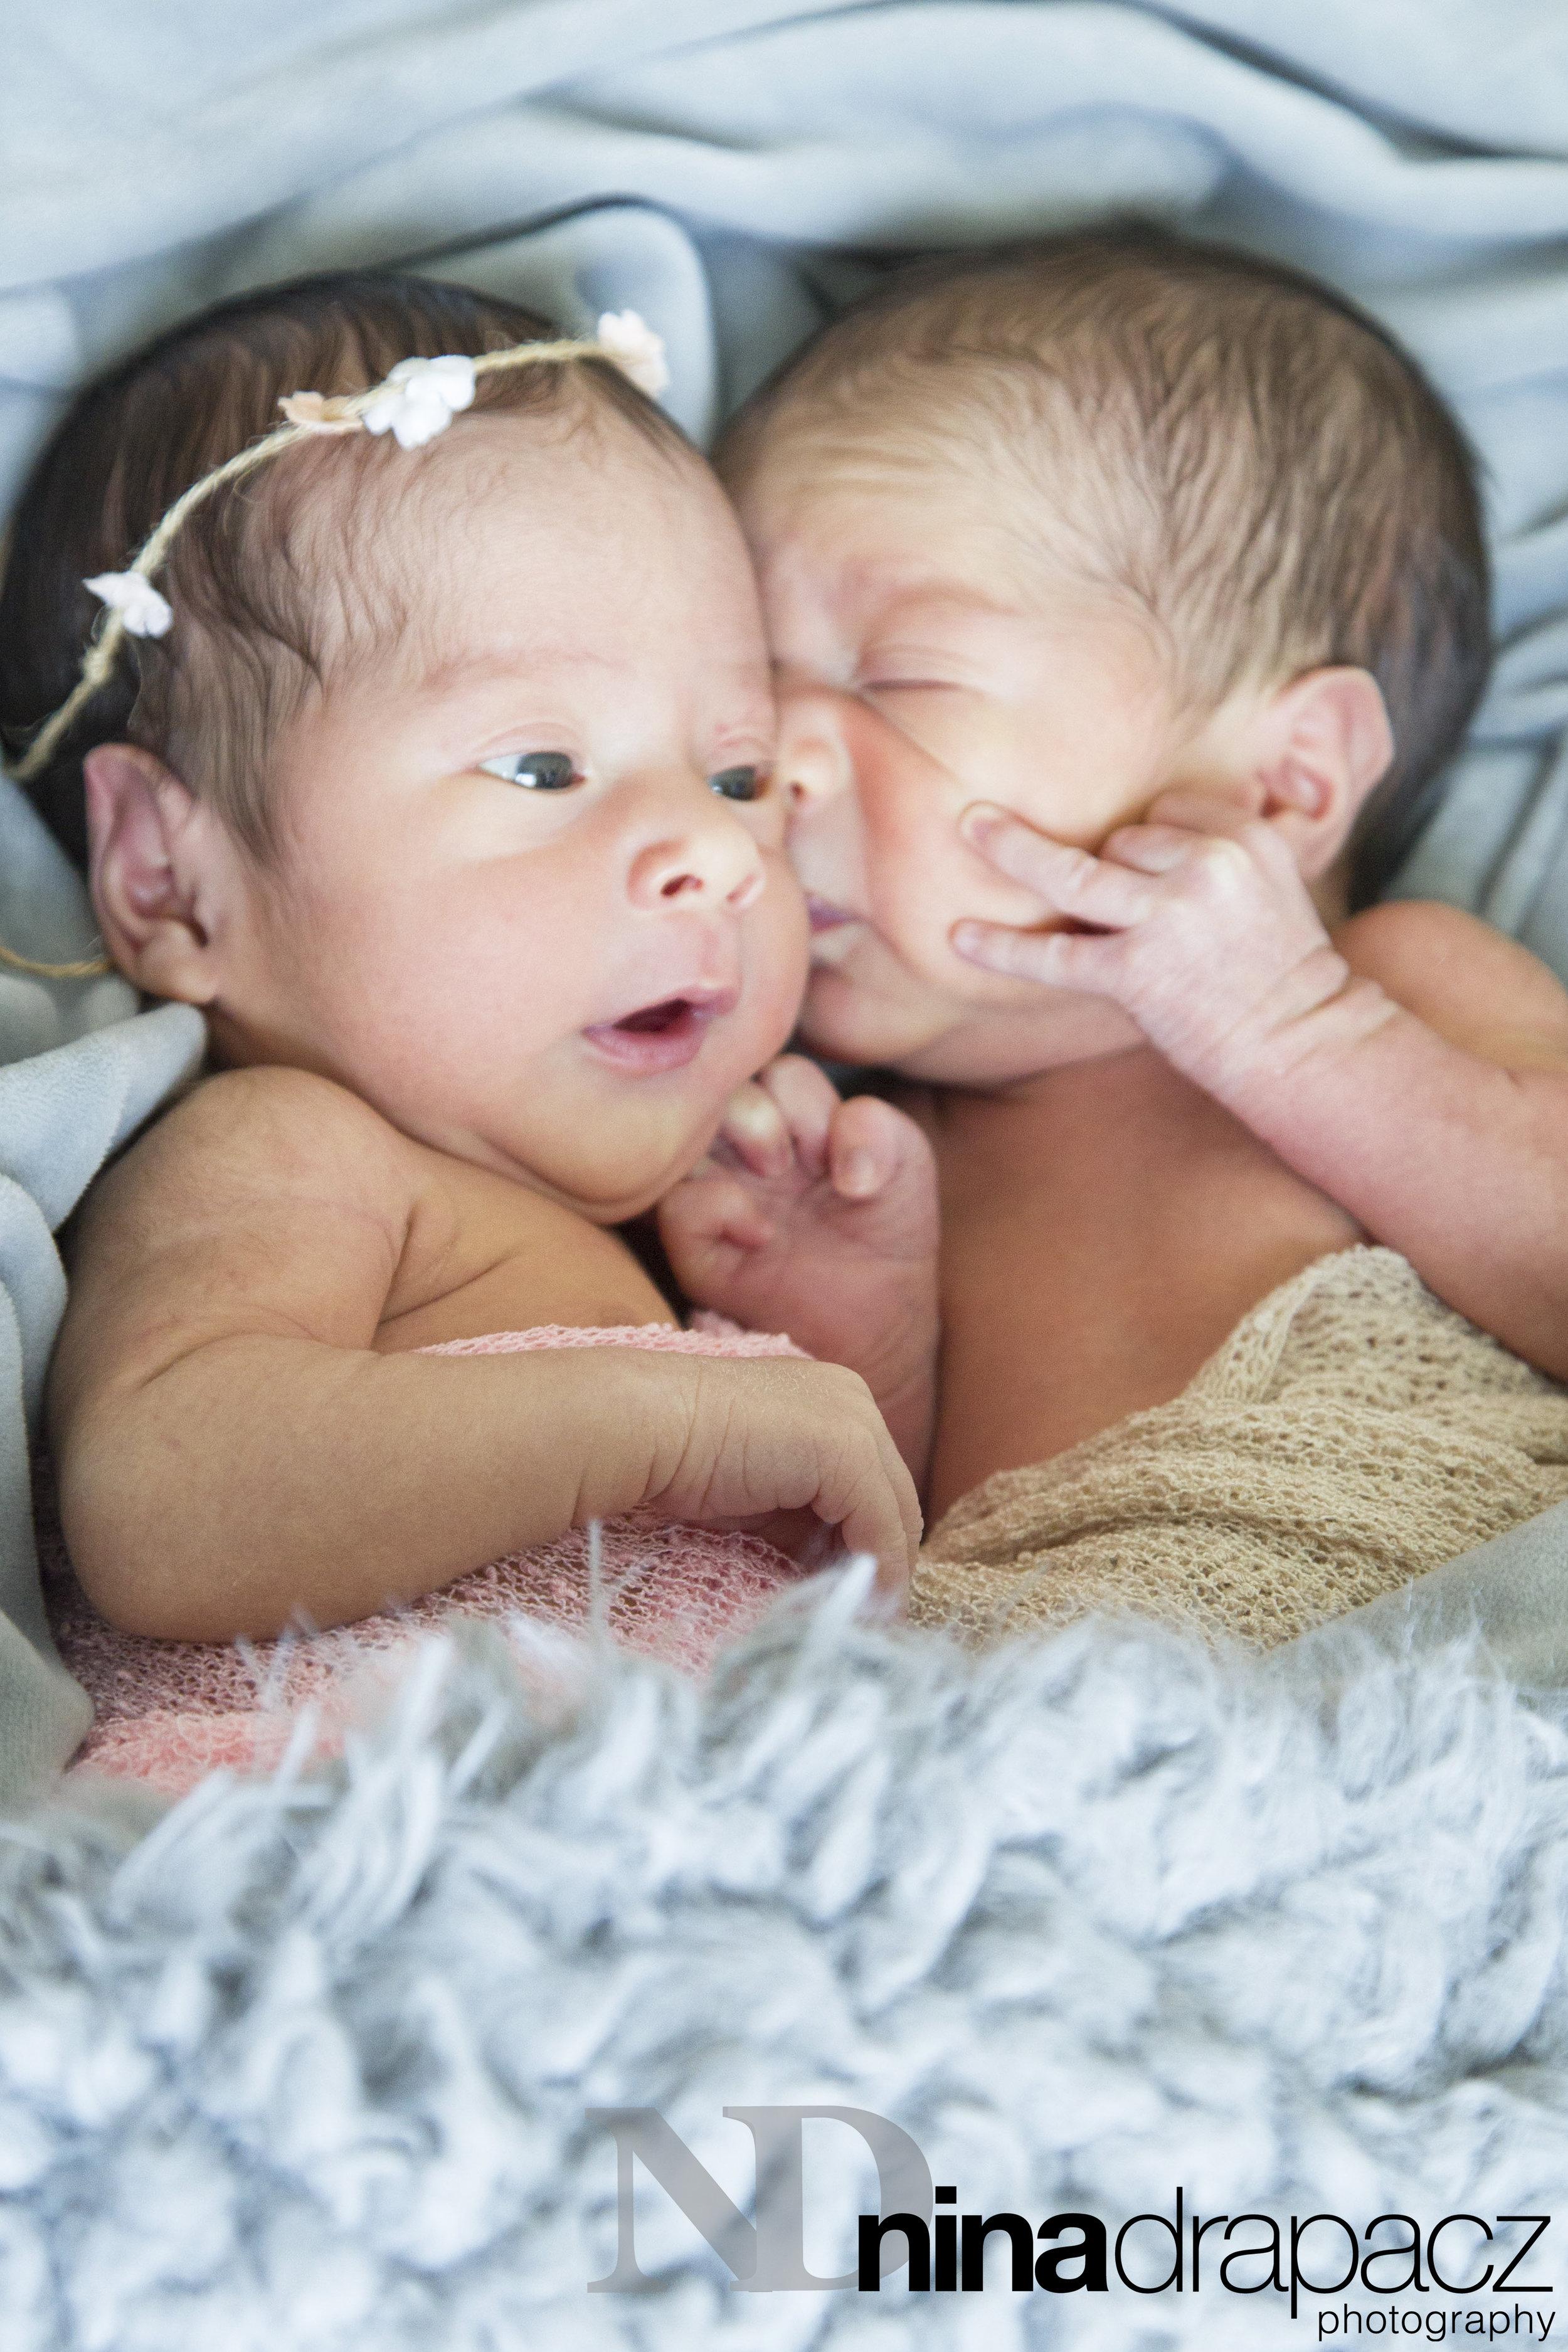 newbornbabies.jpg